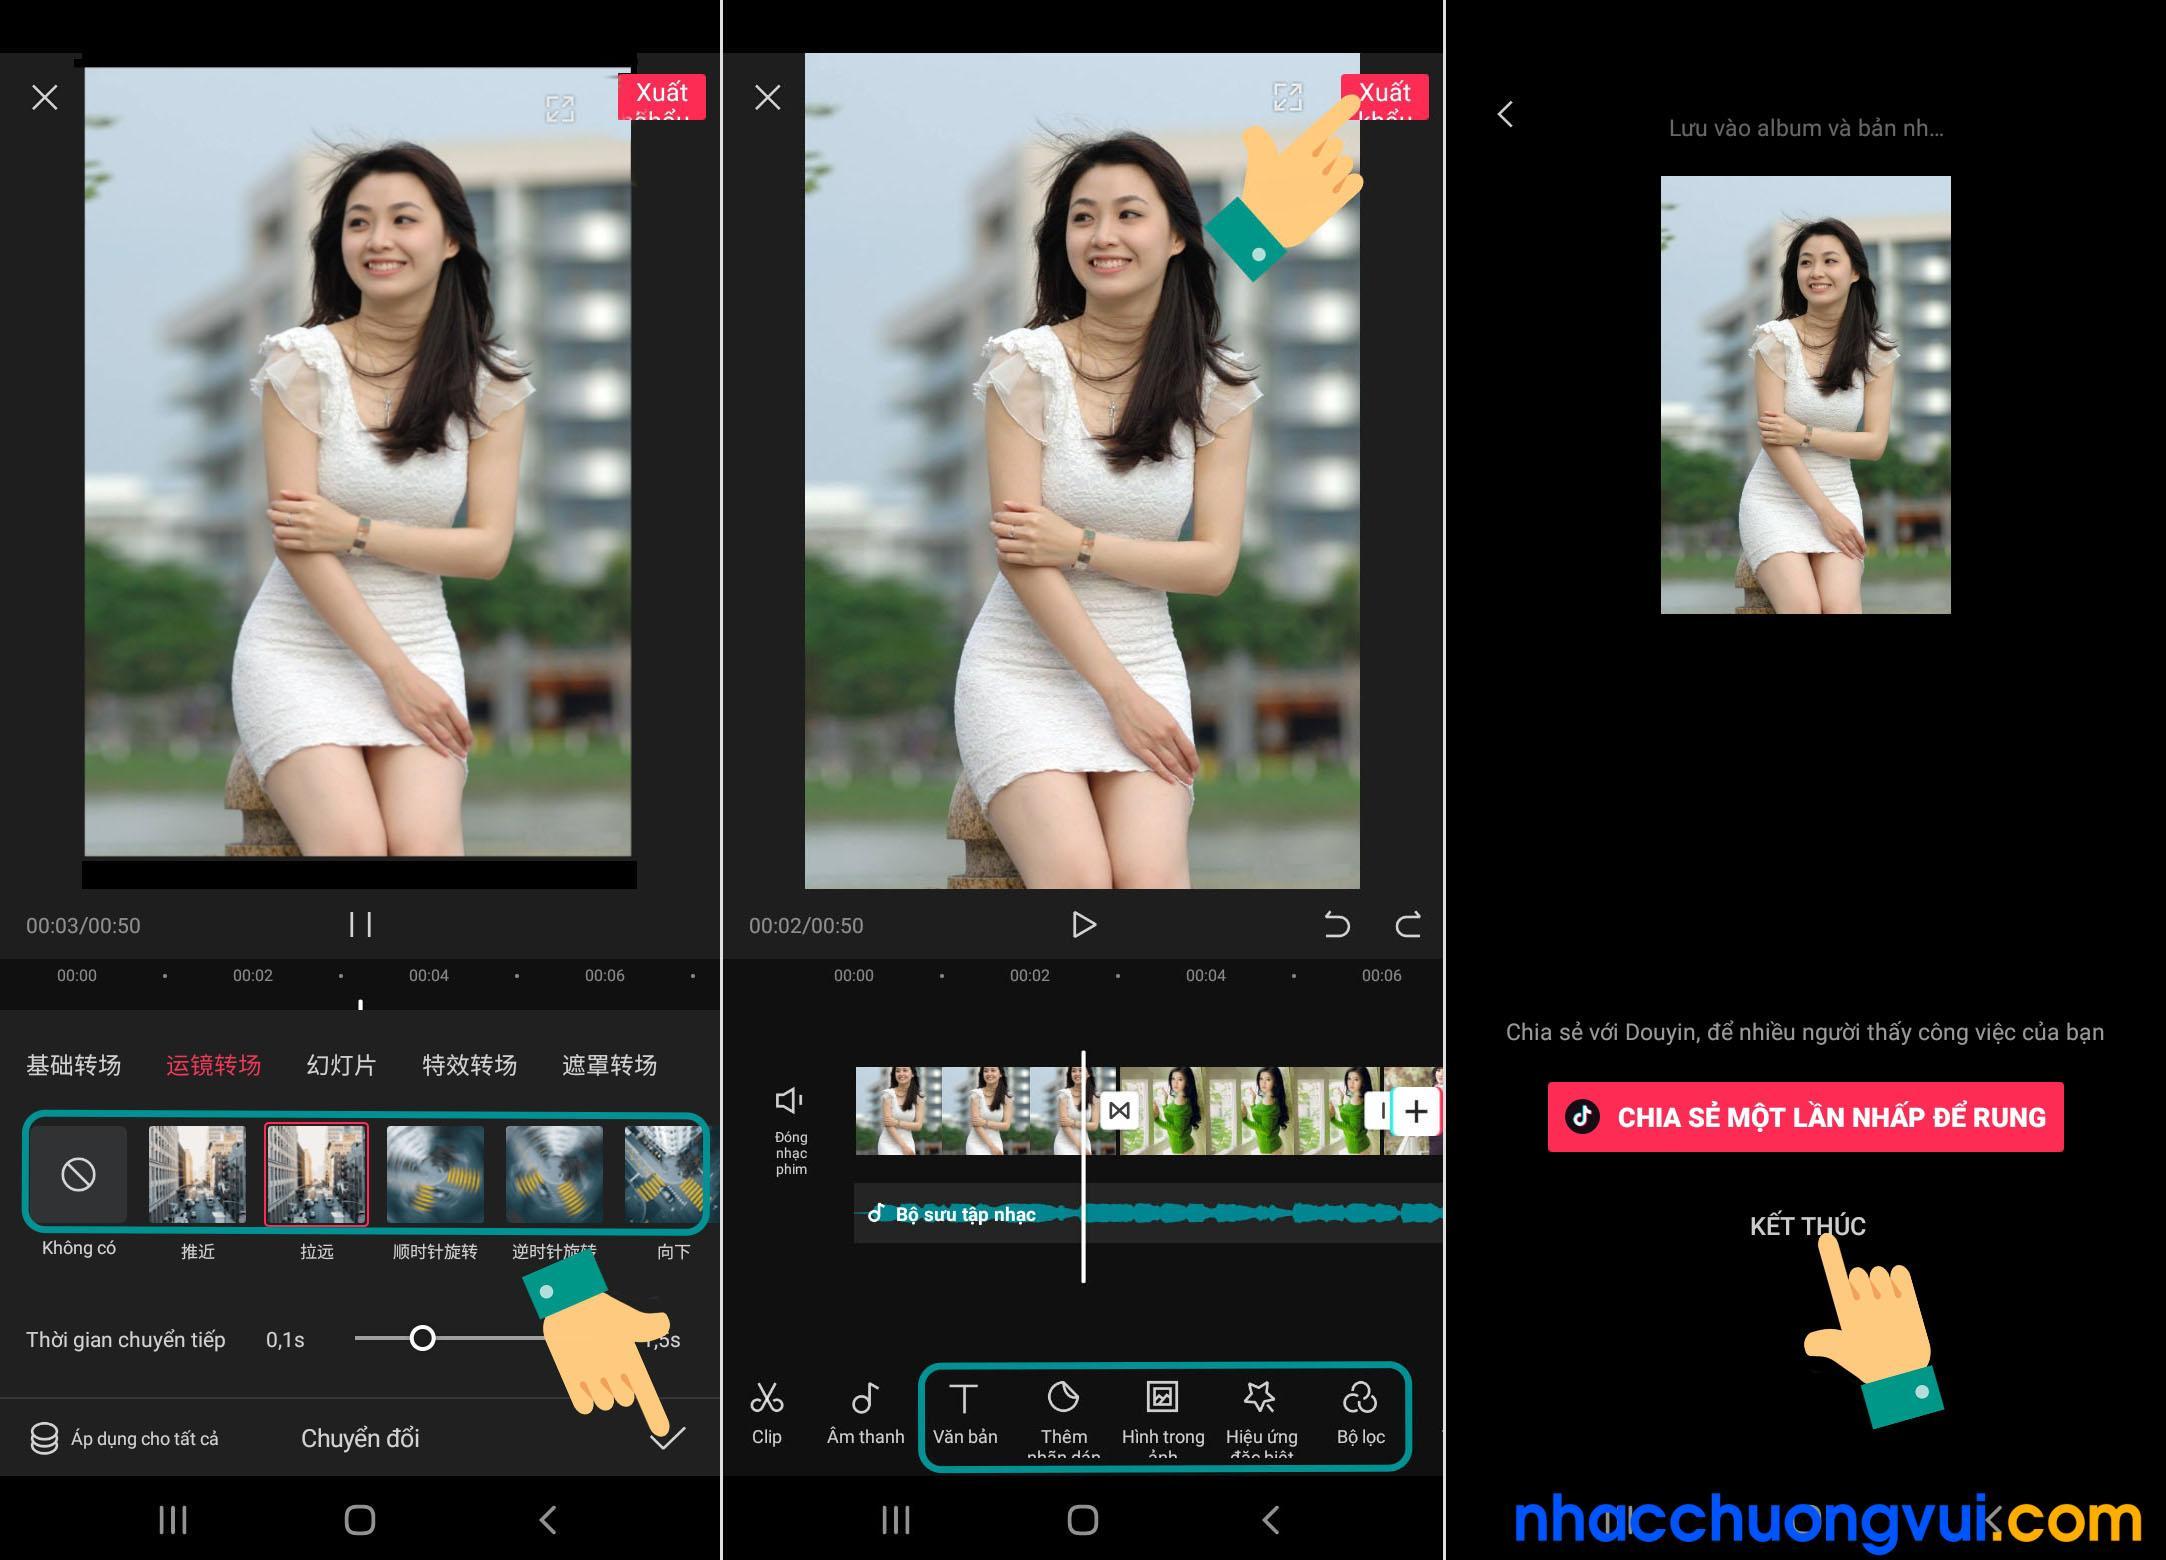 Cách làm video bằng ứng dụng chỉnh sửa video Tik Tok Trung Quốc JianYing 3